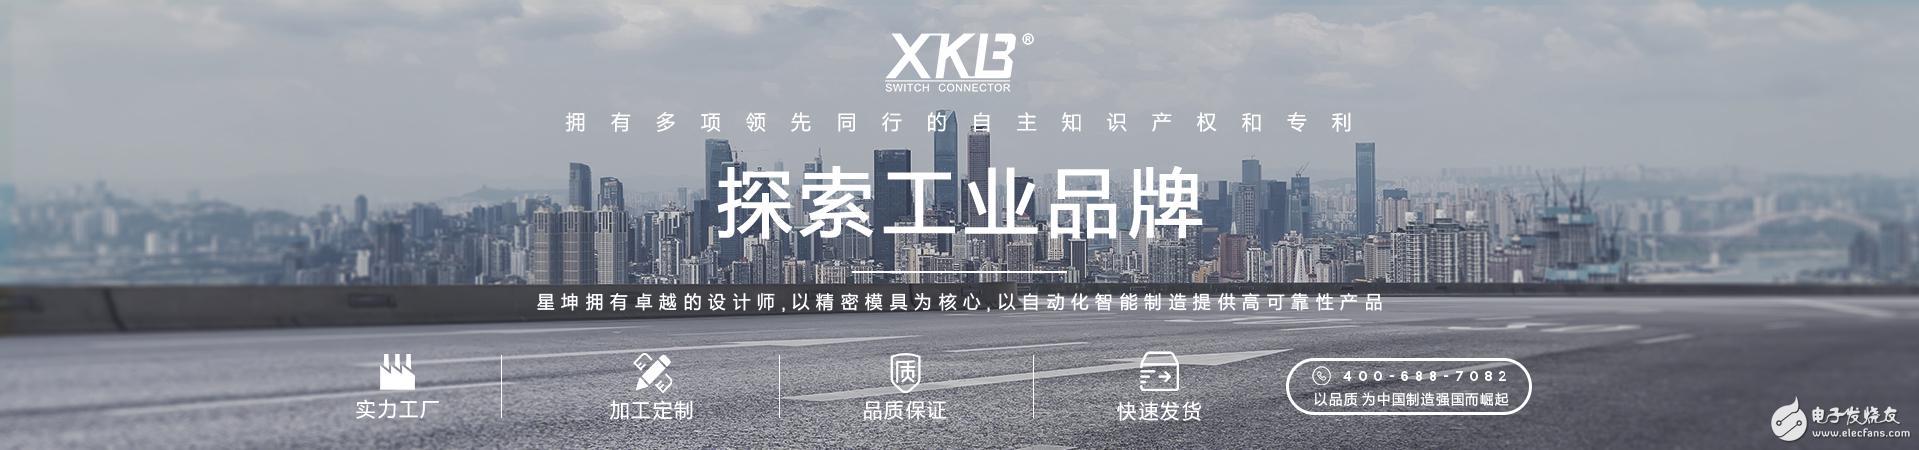 华秋商城与星坤电子XKB达成合作